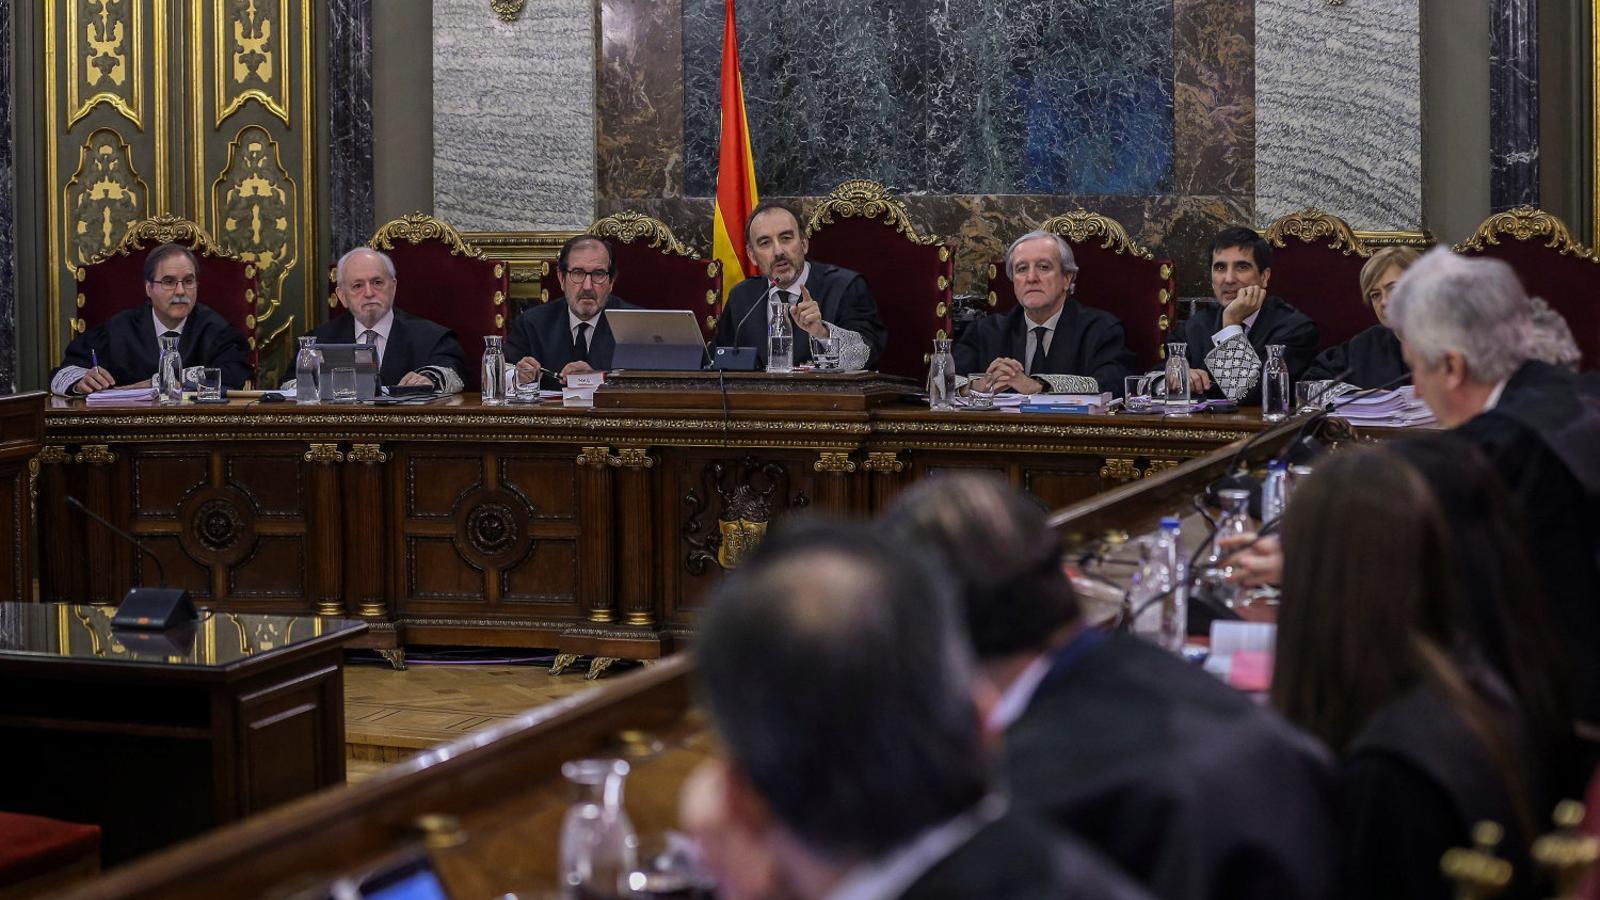 El president del tribunal del Procés, Manuel Marchena, és l'únic dels set magistrats del jurat que ha pres la paraula durant el judici / EFE